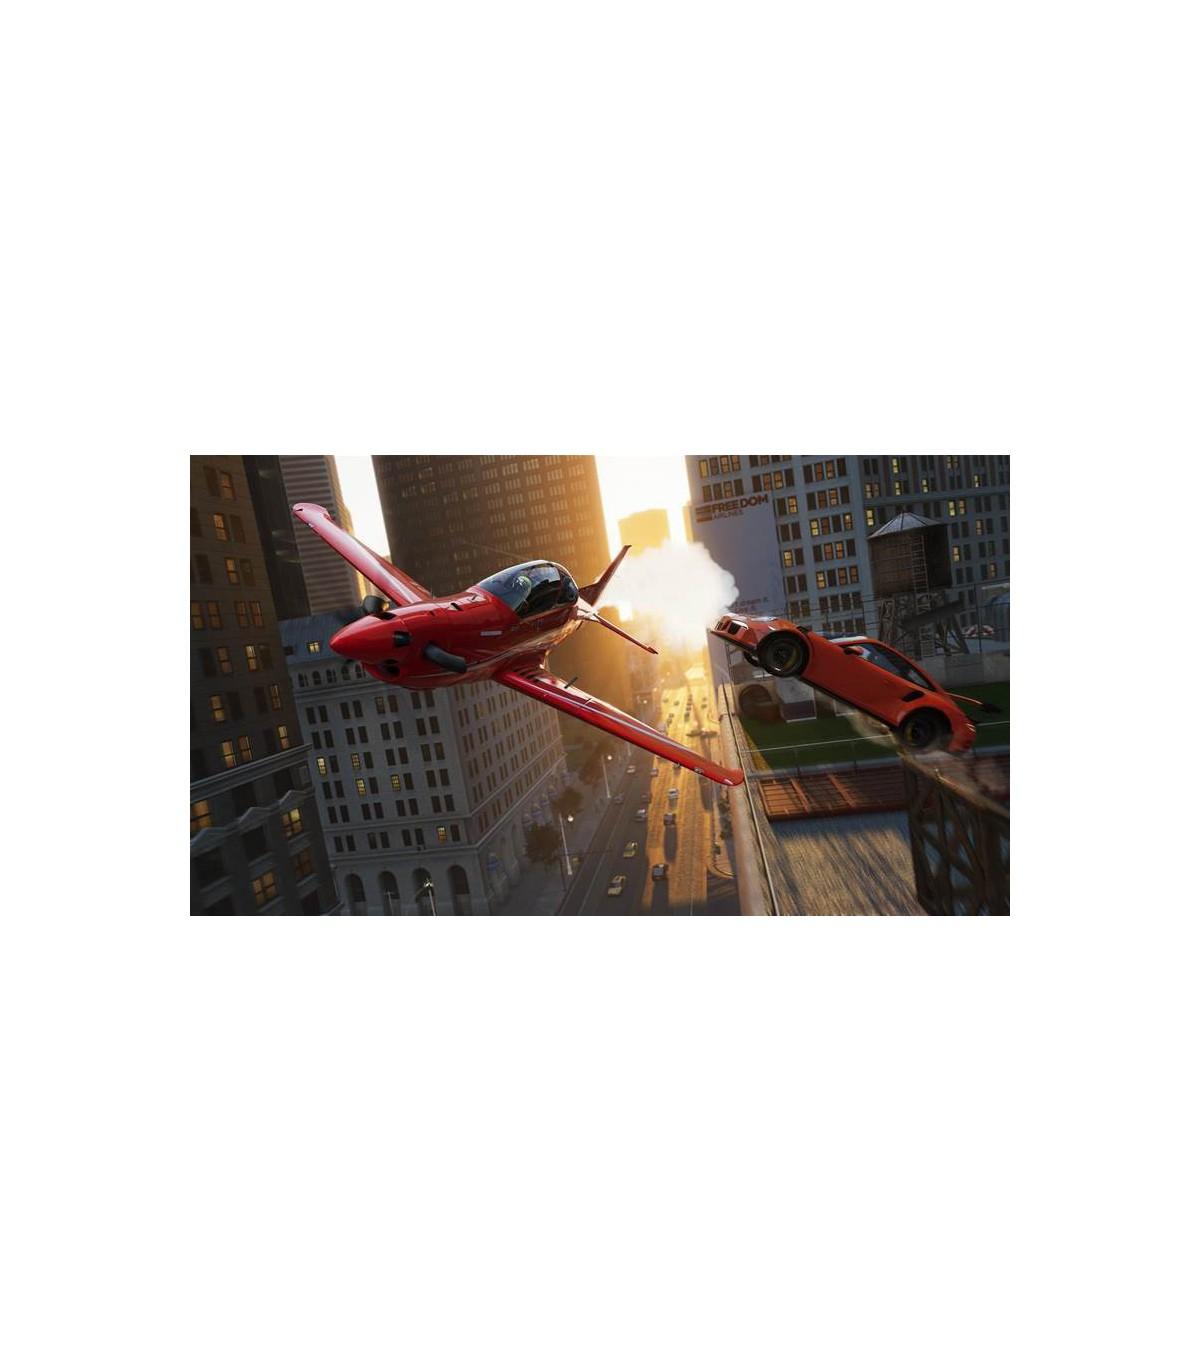 بازی The Crew 2 کارکرده - پلی استیشن 4